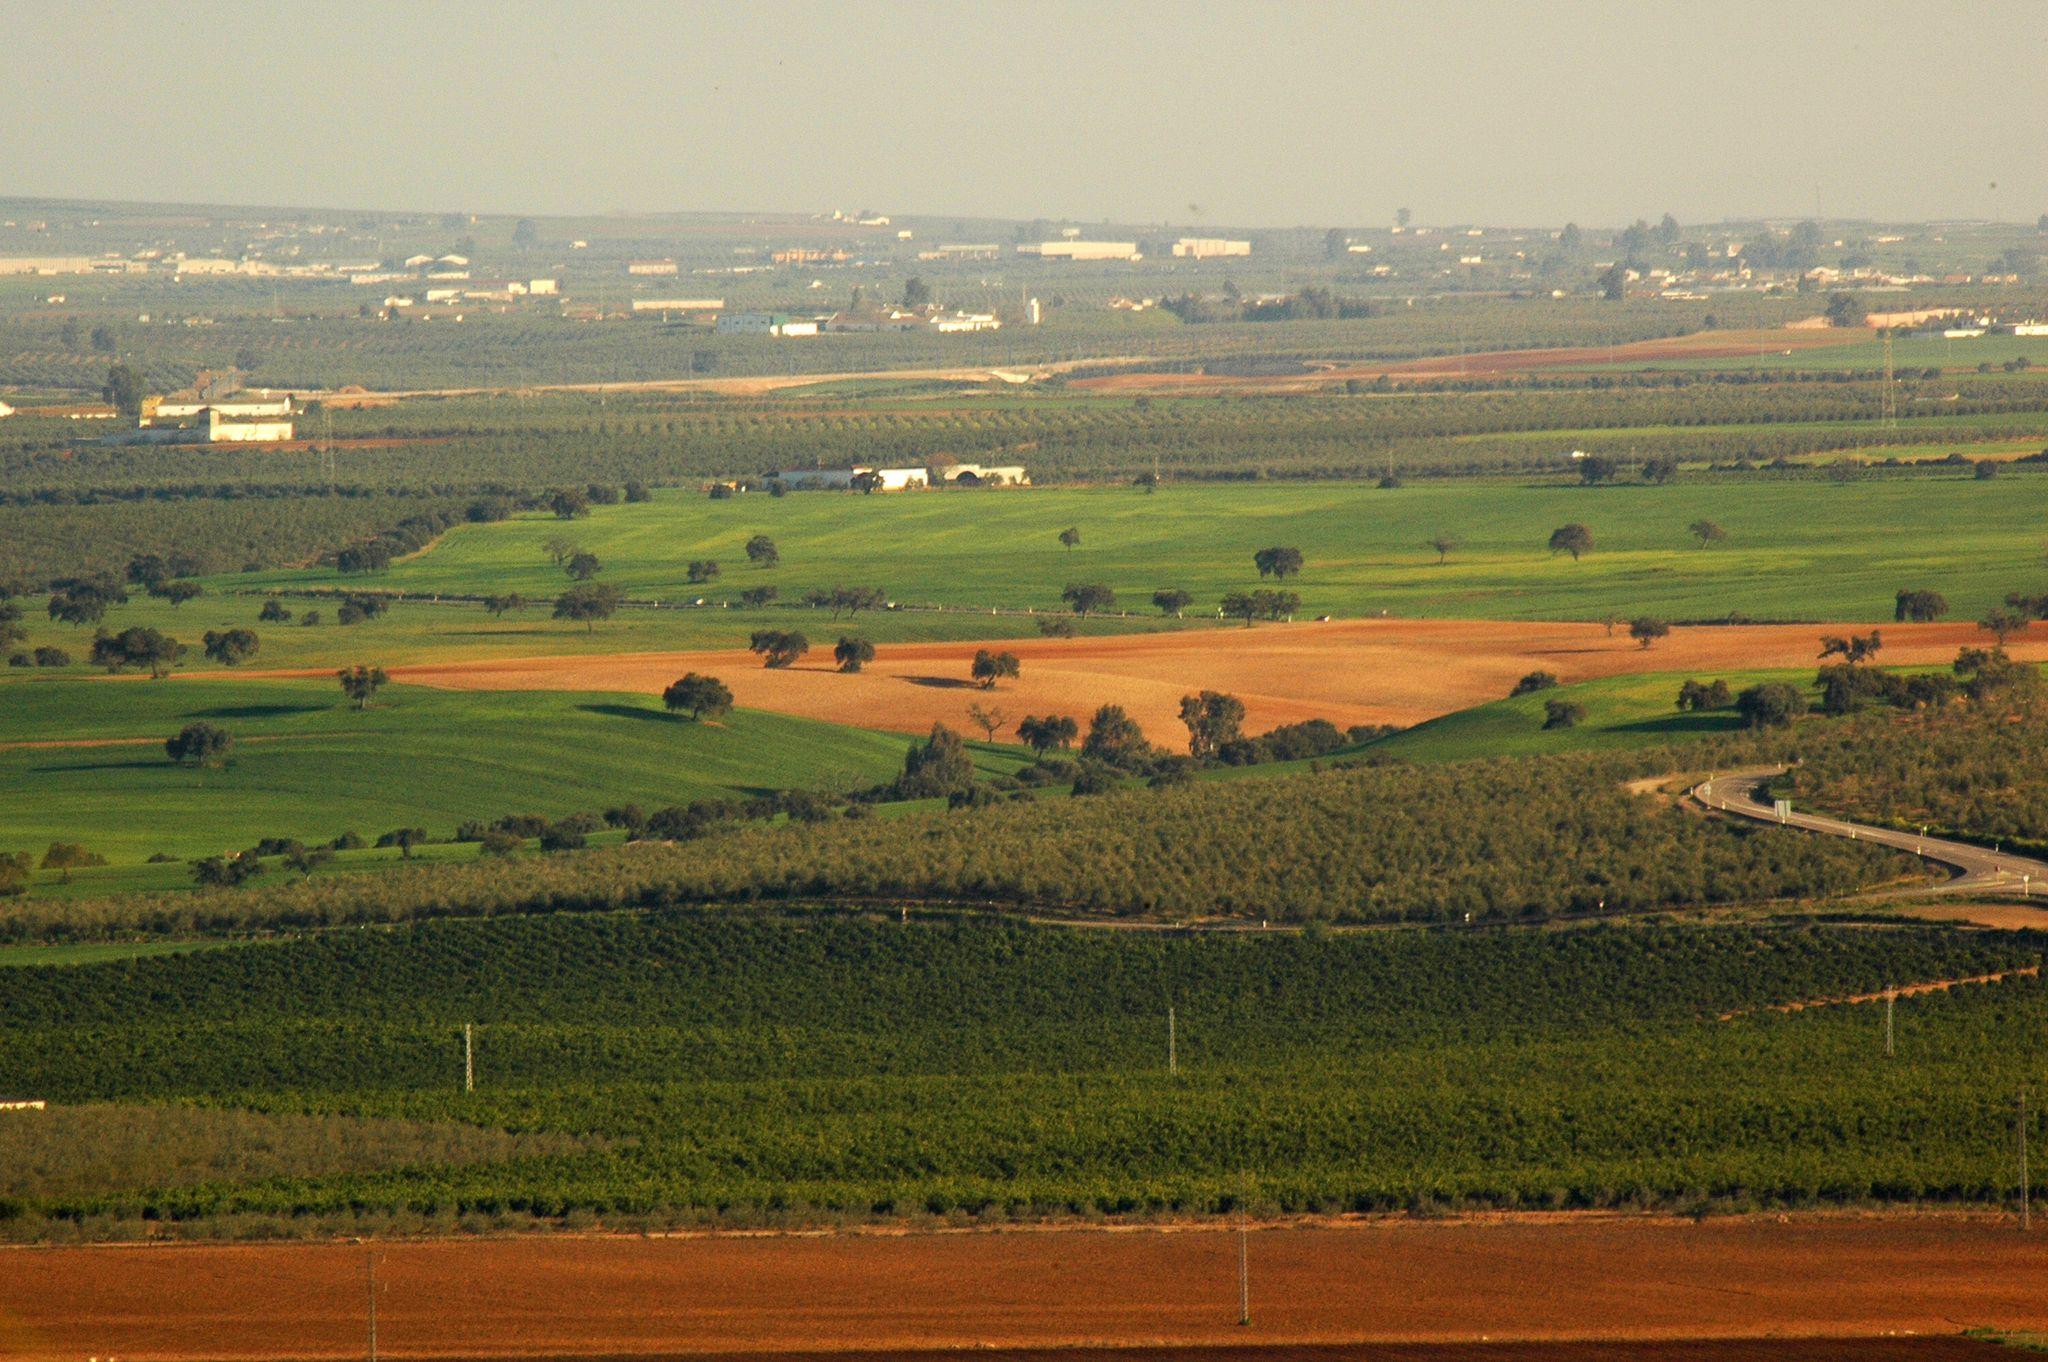 Uno de los paisajes cordobeses que se verían modificados radicalmente por el nuevo boom industrial. Imagen: Pcaeh